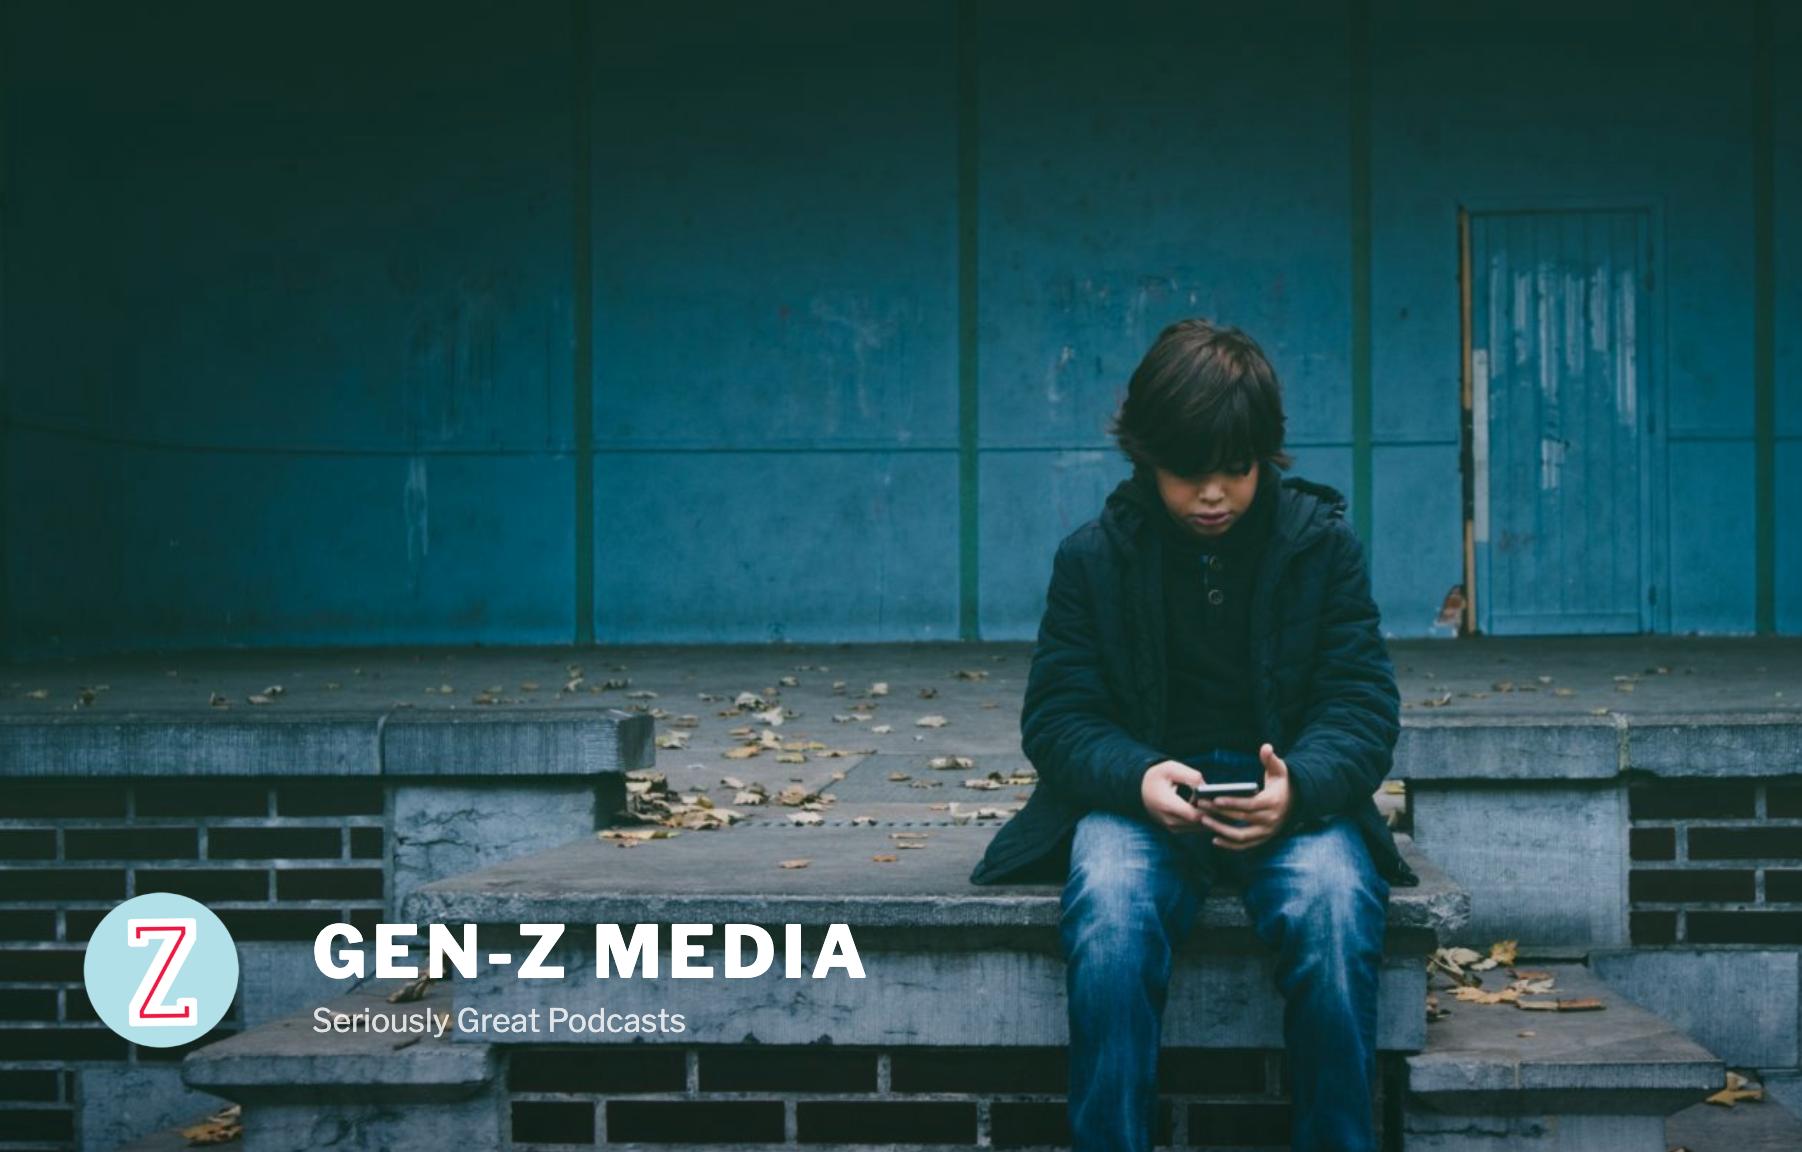 Gen-Z Media